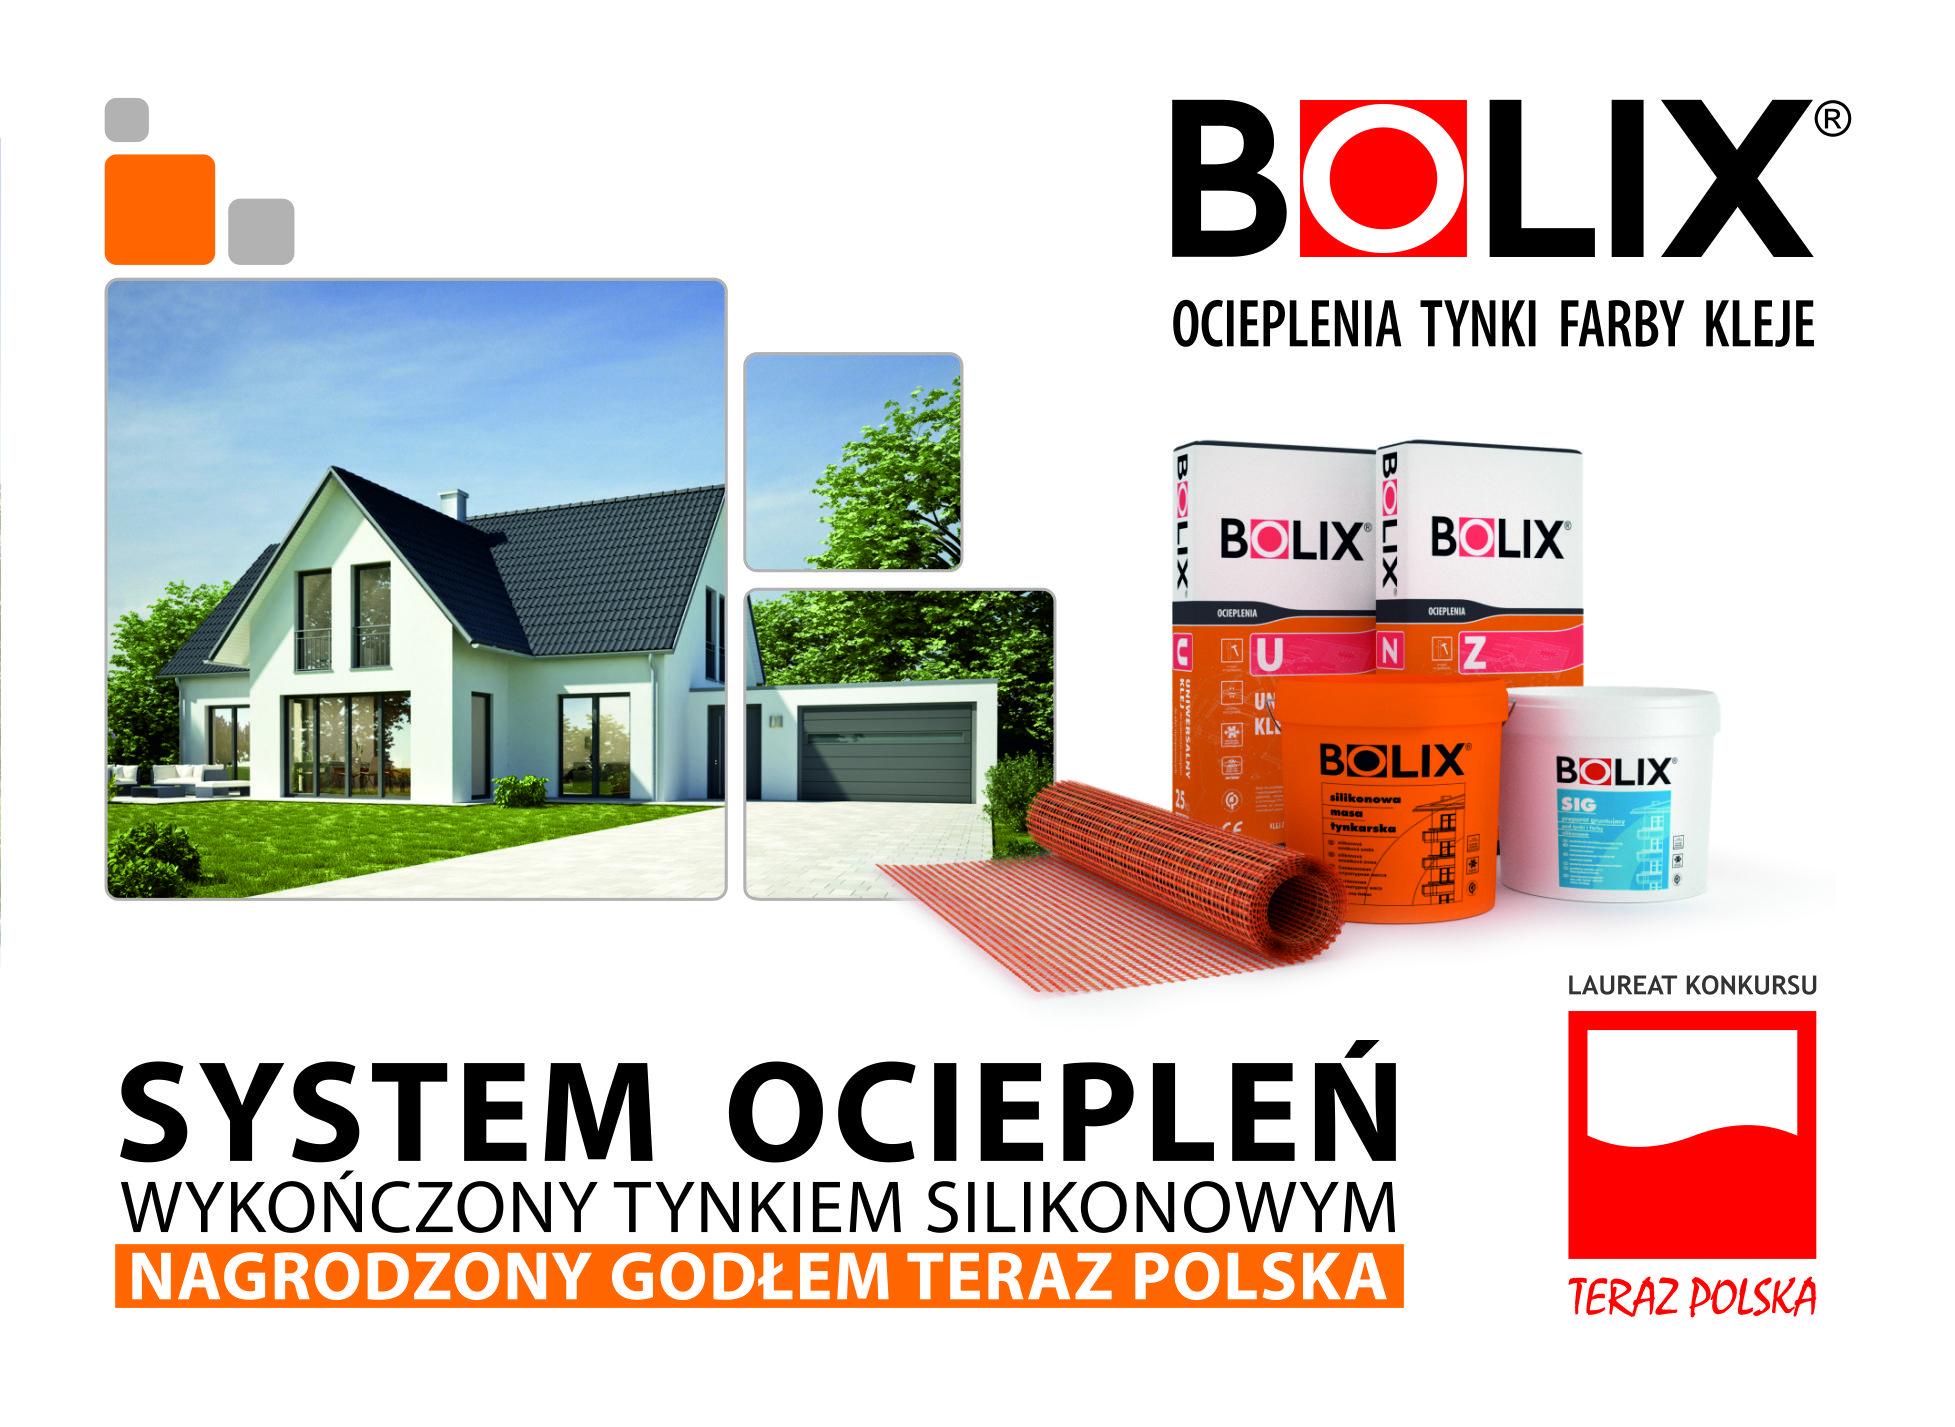 system-ocieplen-wykonczony-tynkiem-silikonowym-zostal-wyrozniony-godlem-teraz-polska